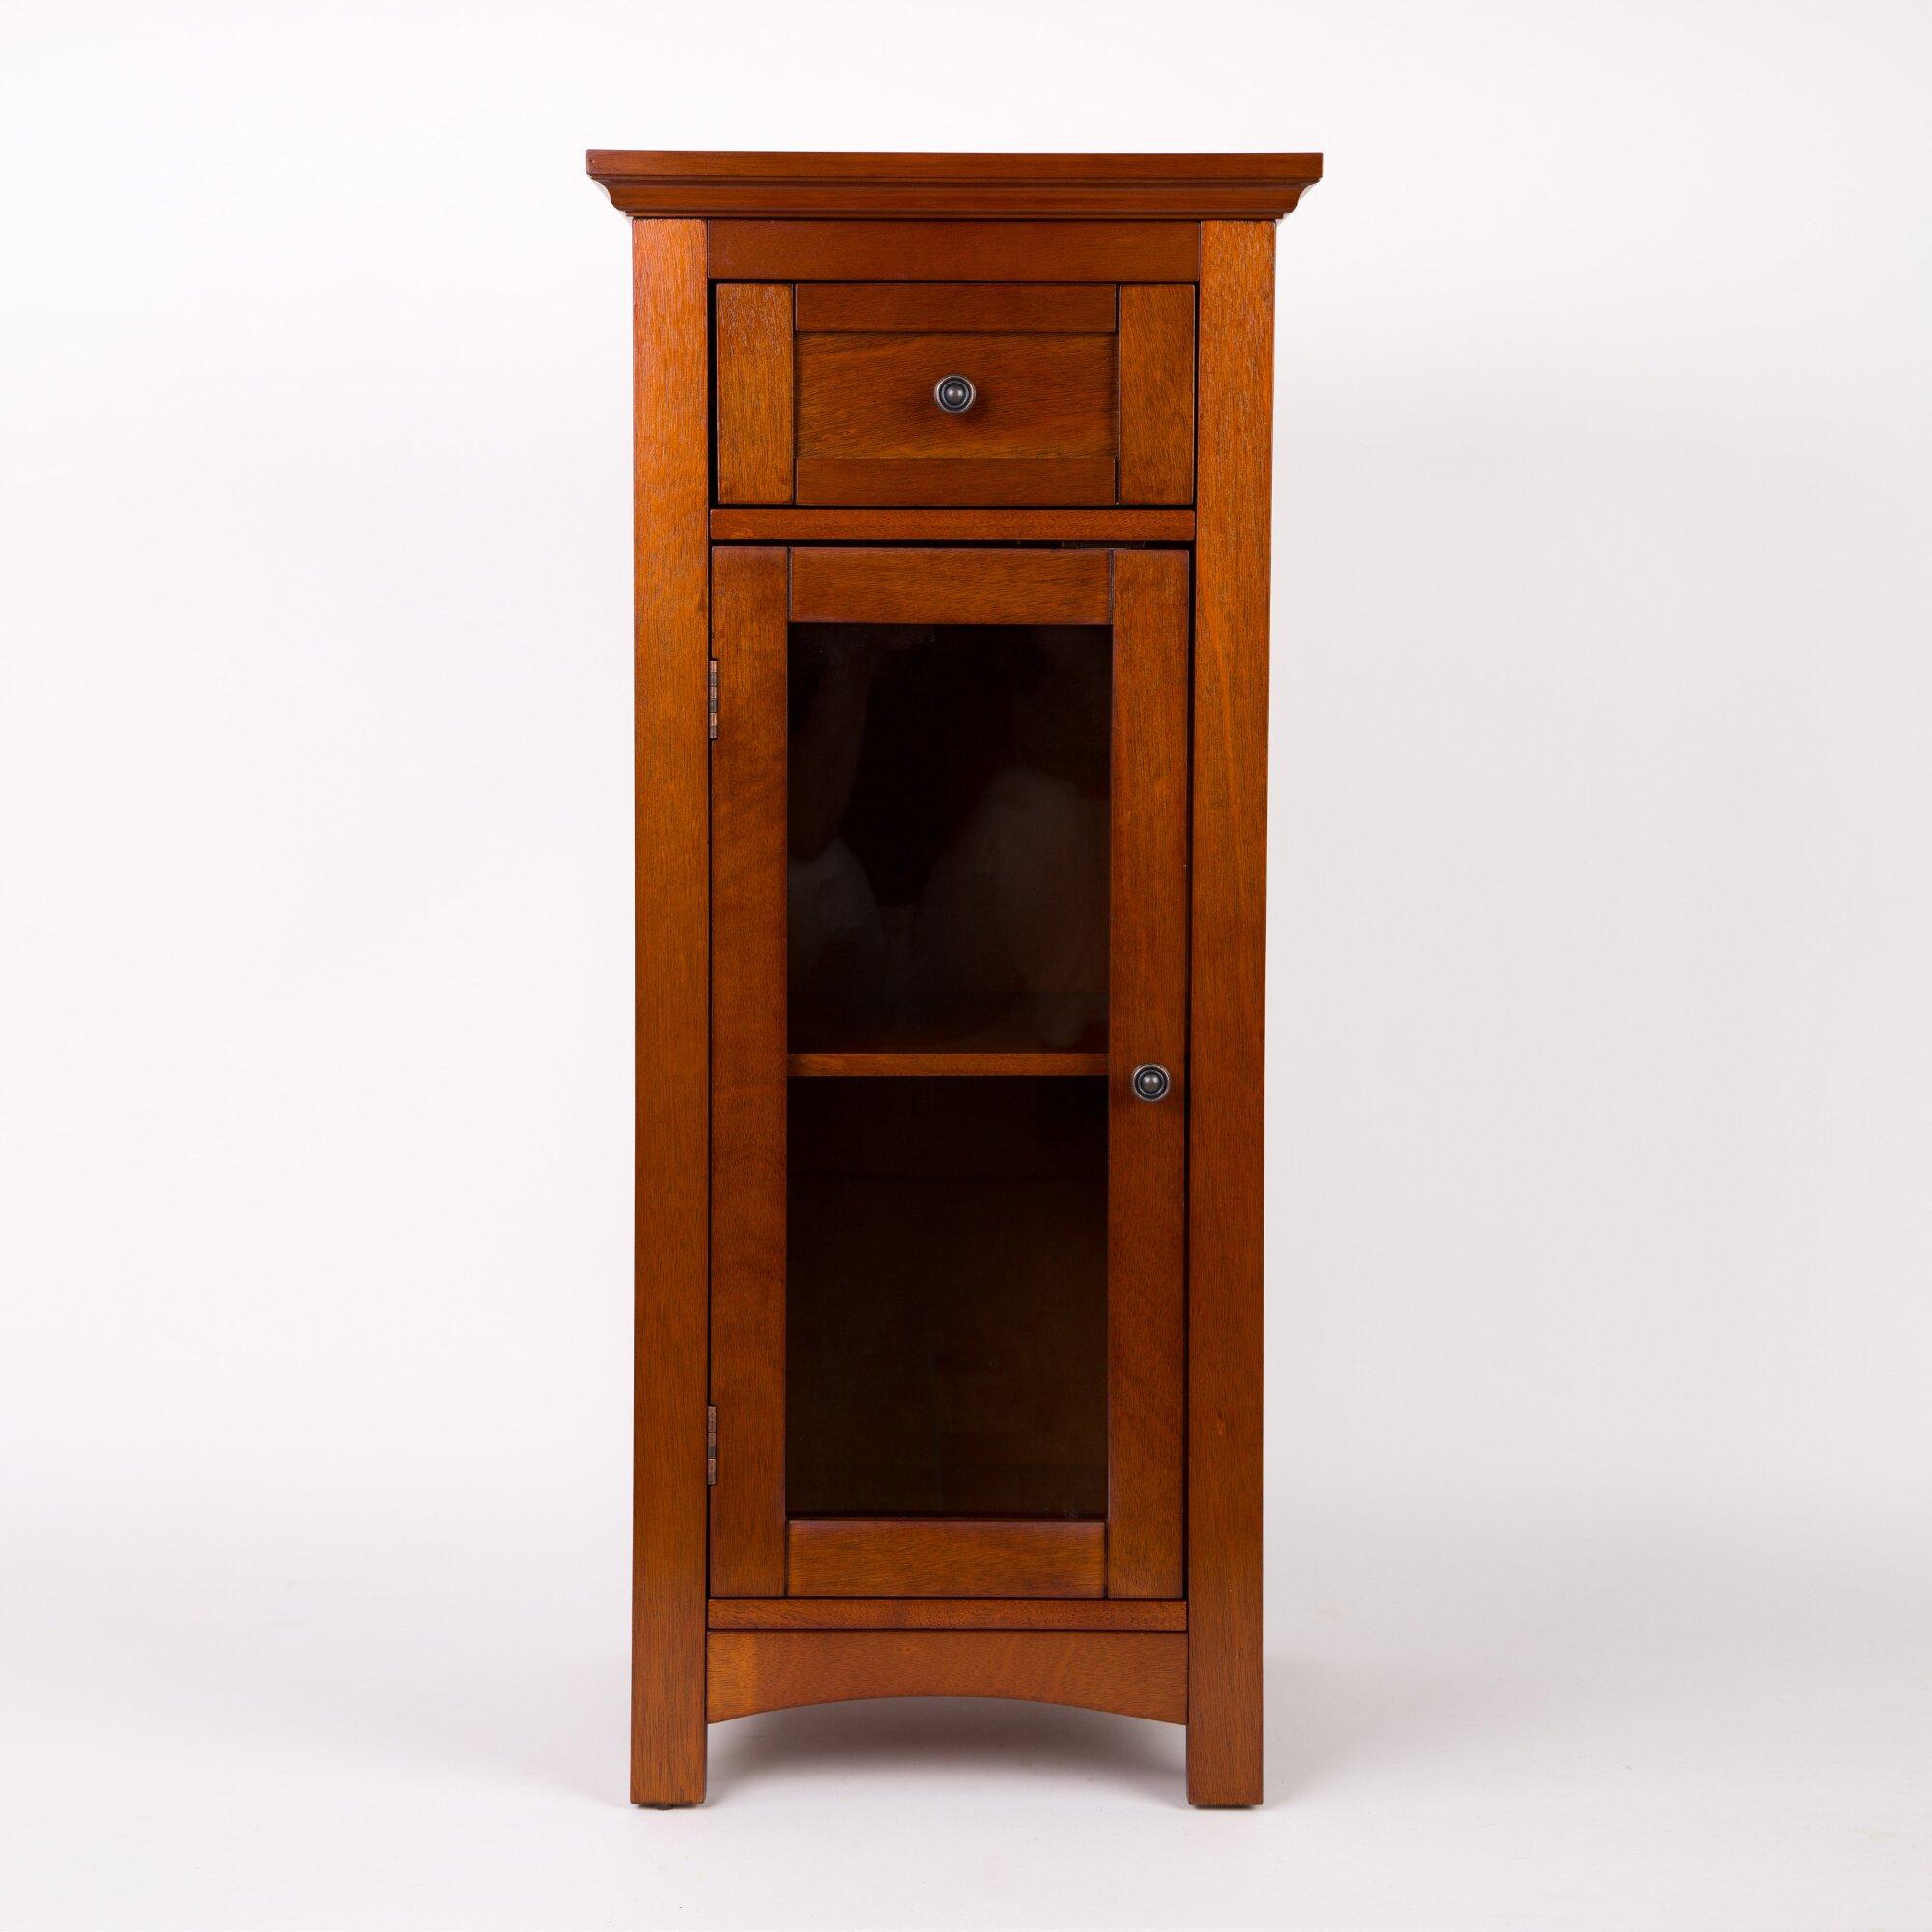 Glitz home wooden floor 1 drawer storage cabinet reviews for Floor storage cabinet